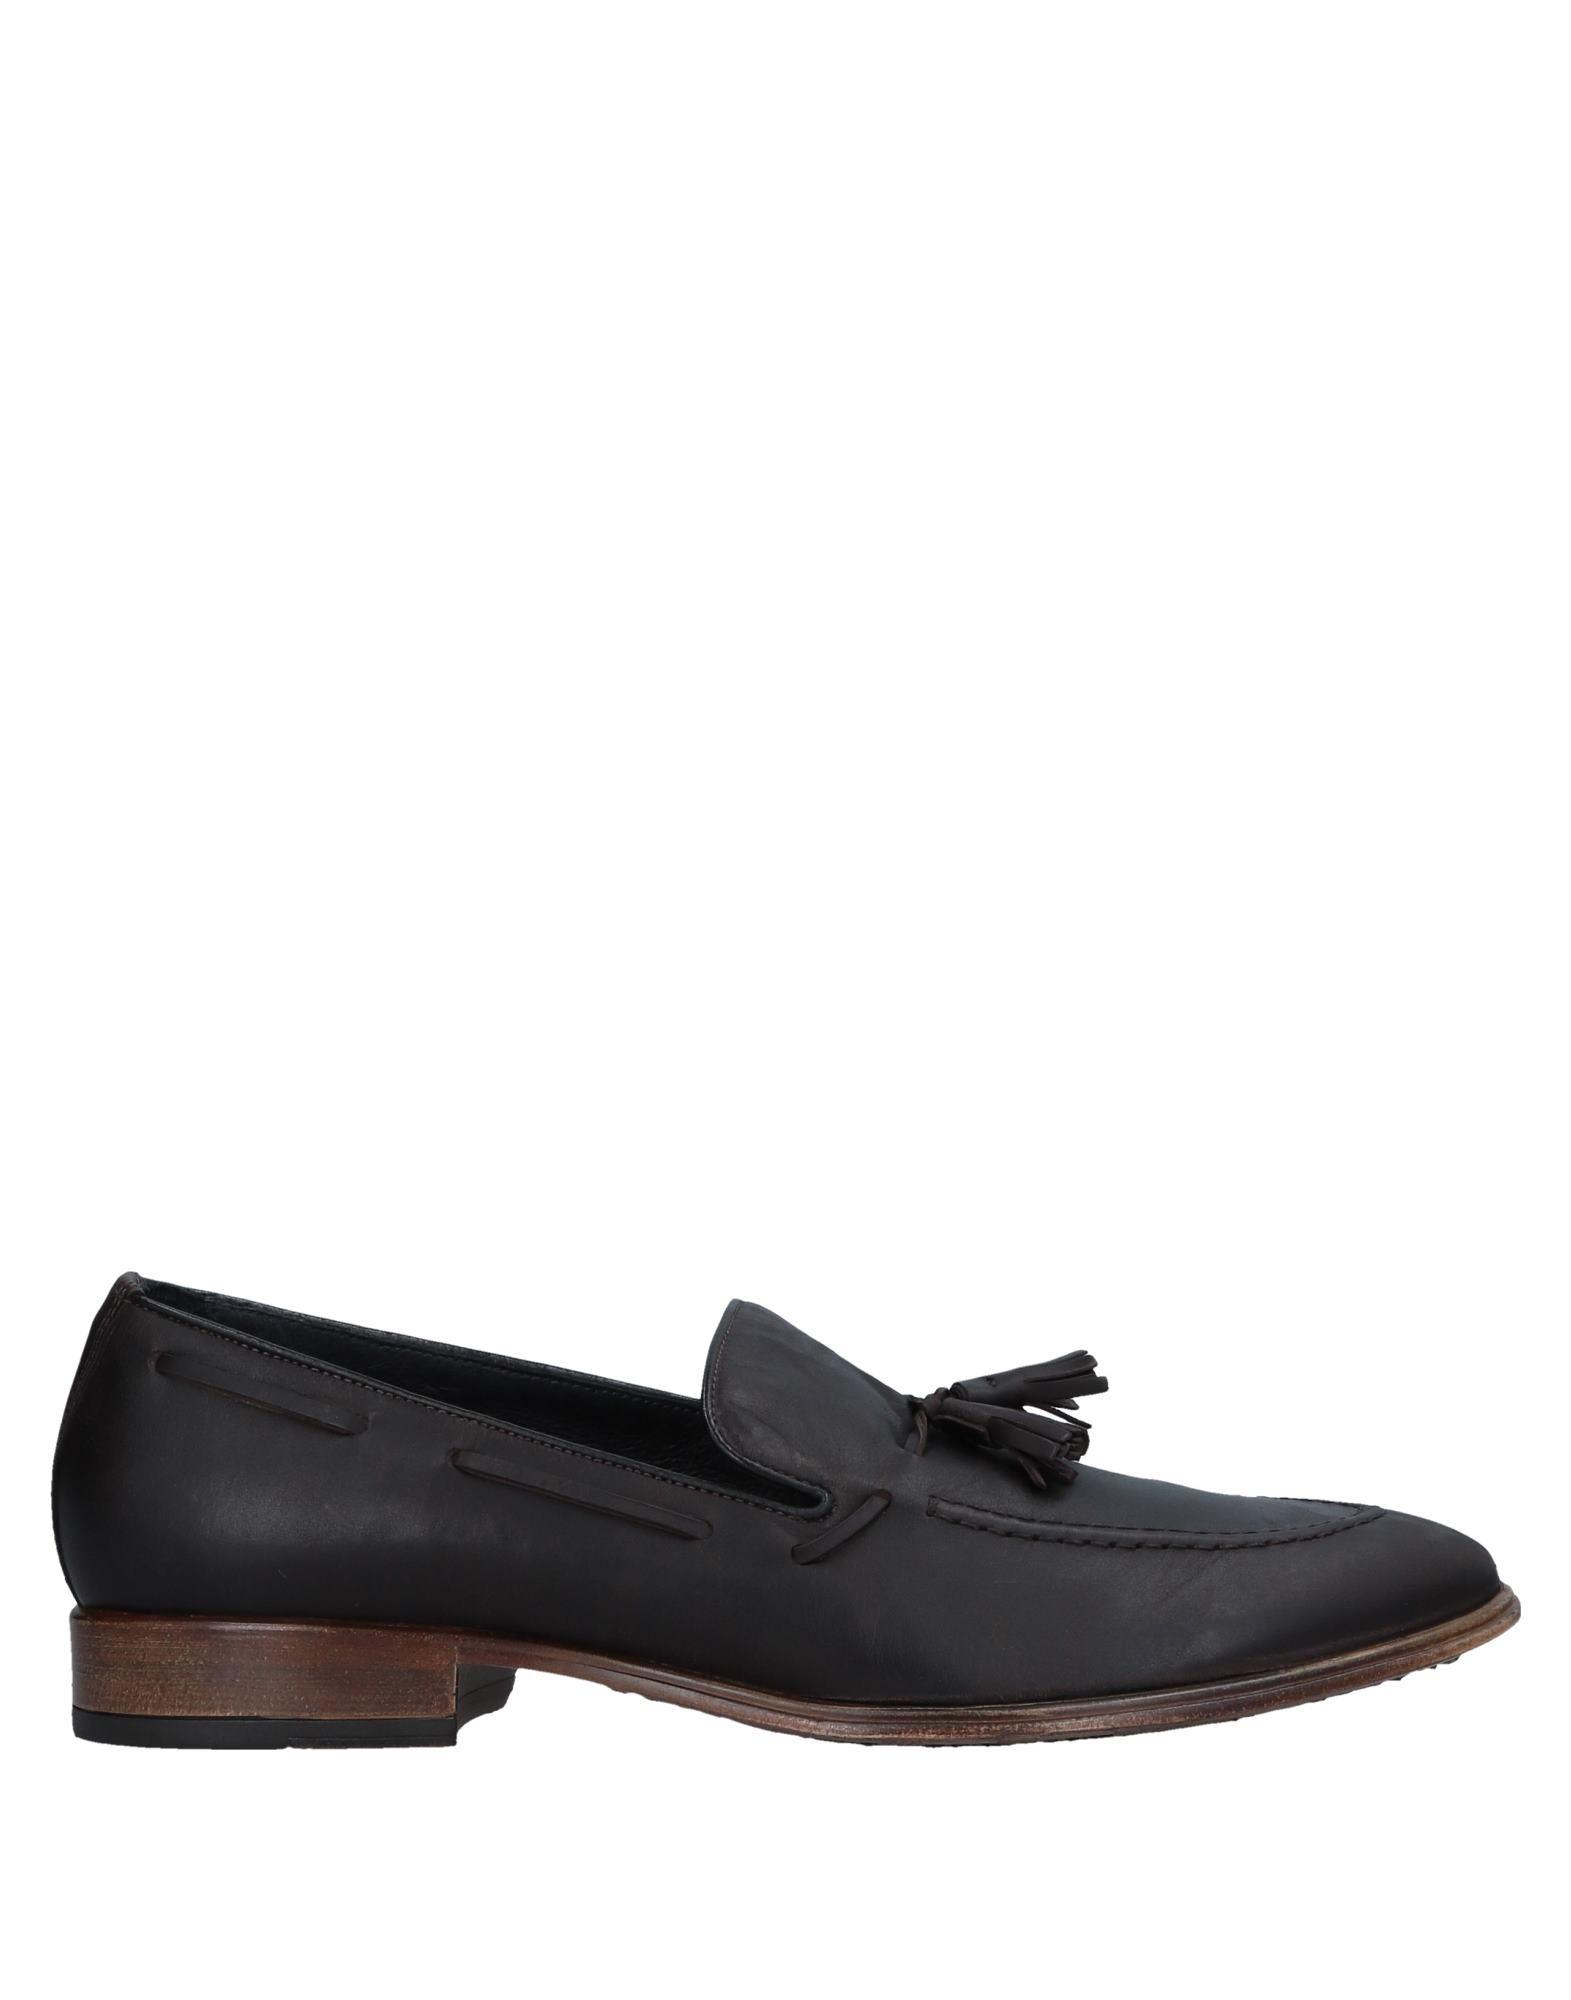 Rabatt echte Herren Schuhe Antica Cuoieria Mokassins Herren echte  11529129FQ 82973e